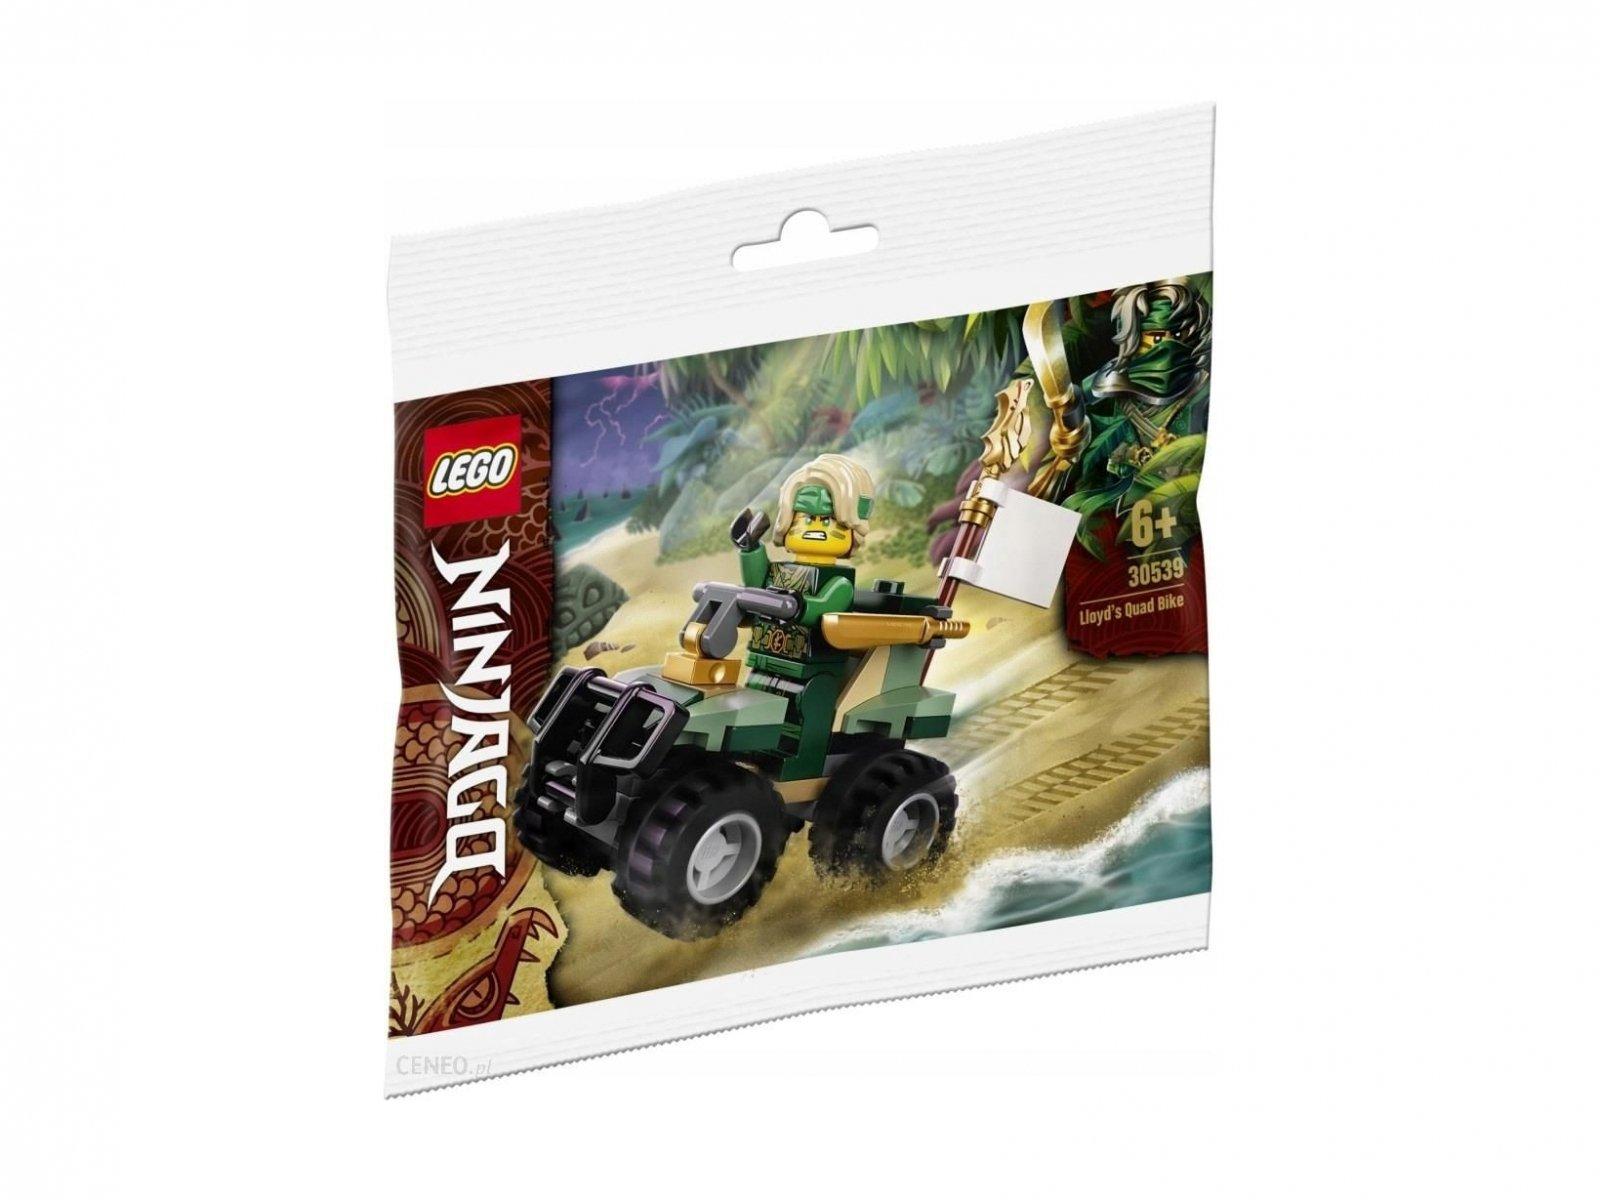 LEGO Ninjago 30539 Quad Lloyda